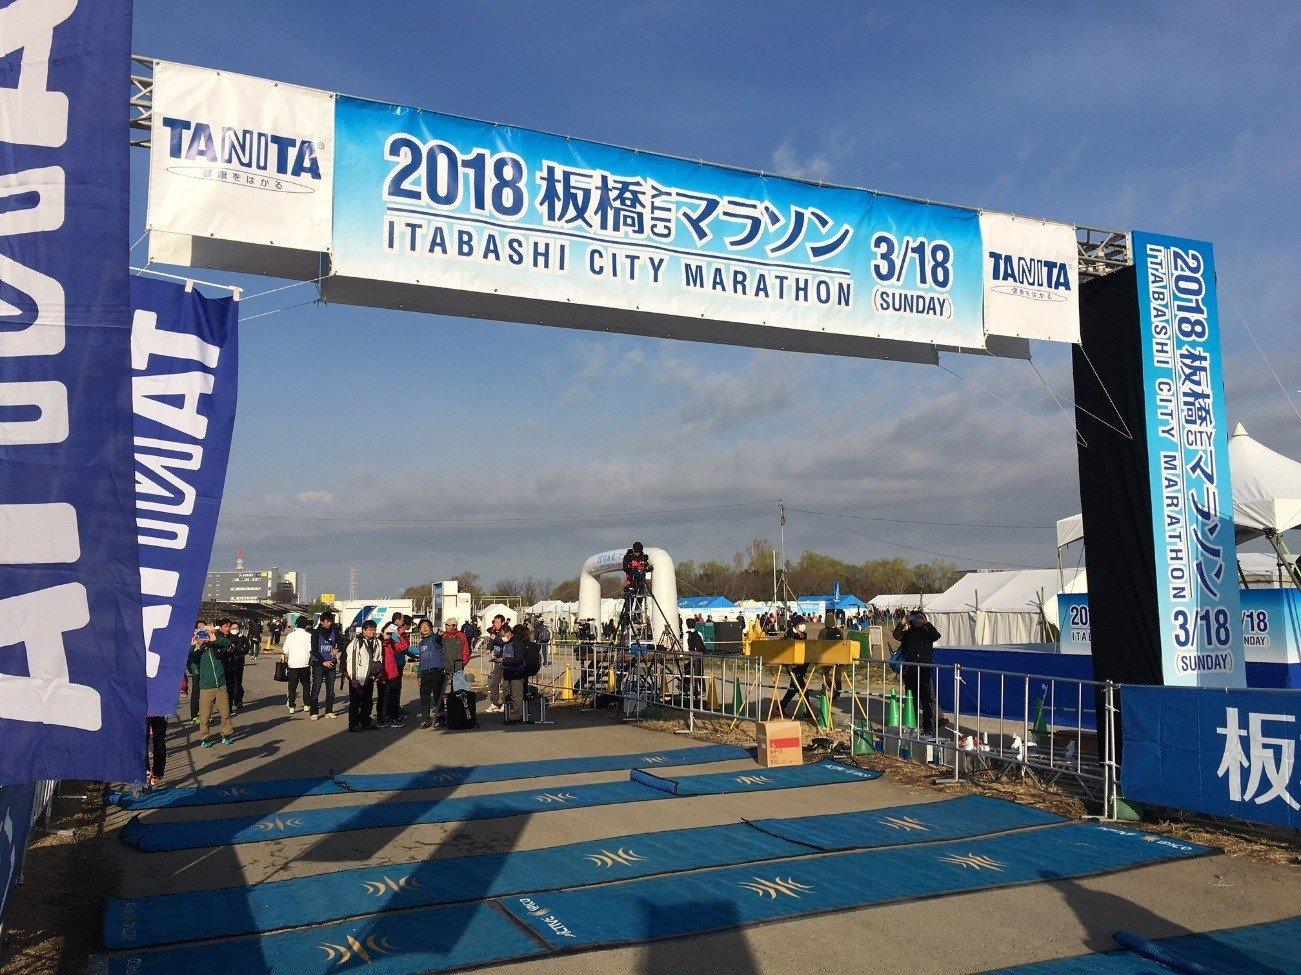 2018 板橋シティマラソンのスタート・ゴール地点